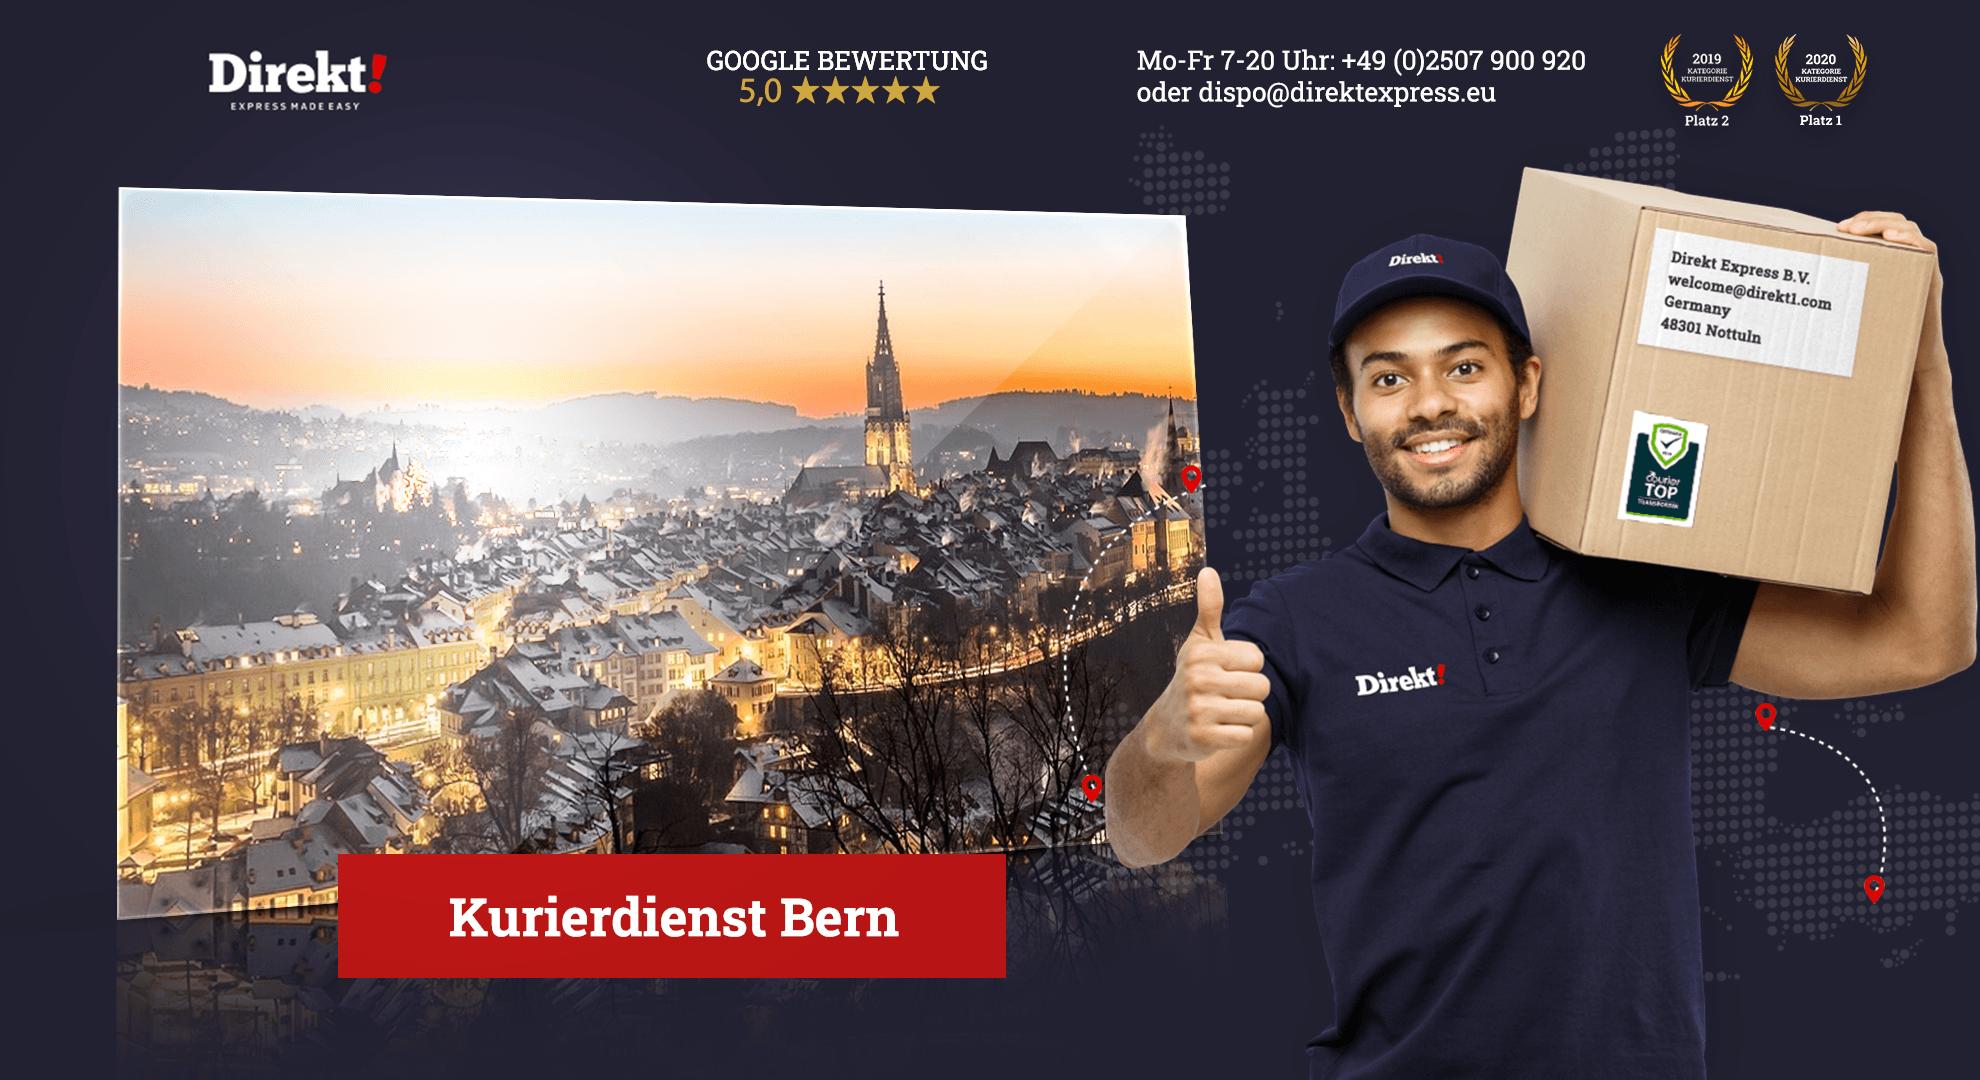 https://direkt1.com/wp-content/uploads/2021/05/Kurierdienst-Bern-buchen.png